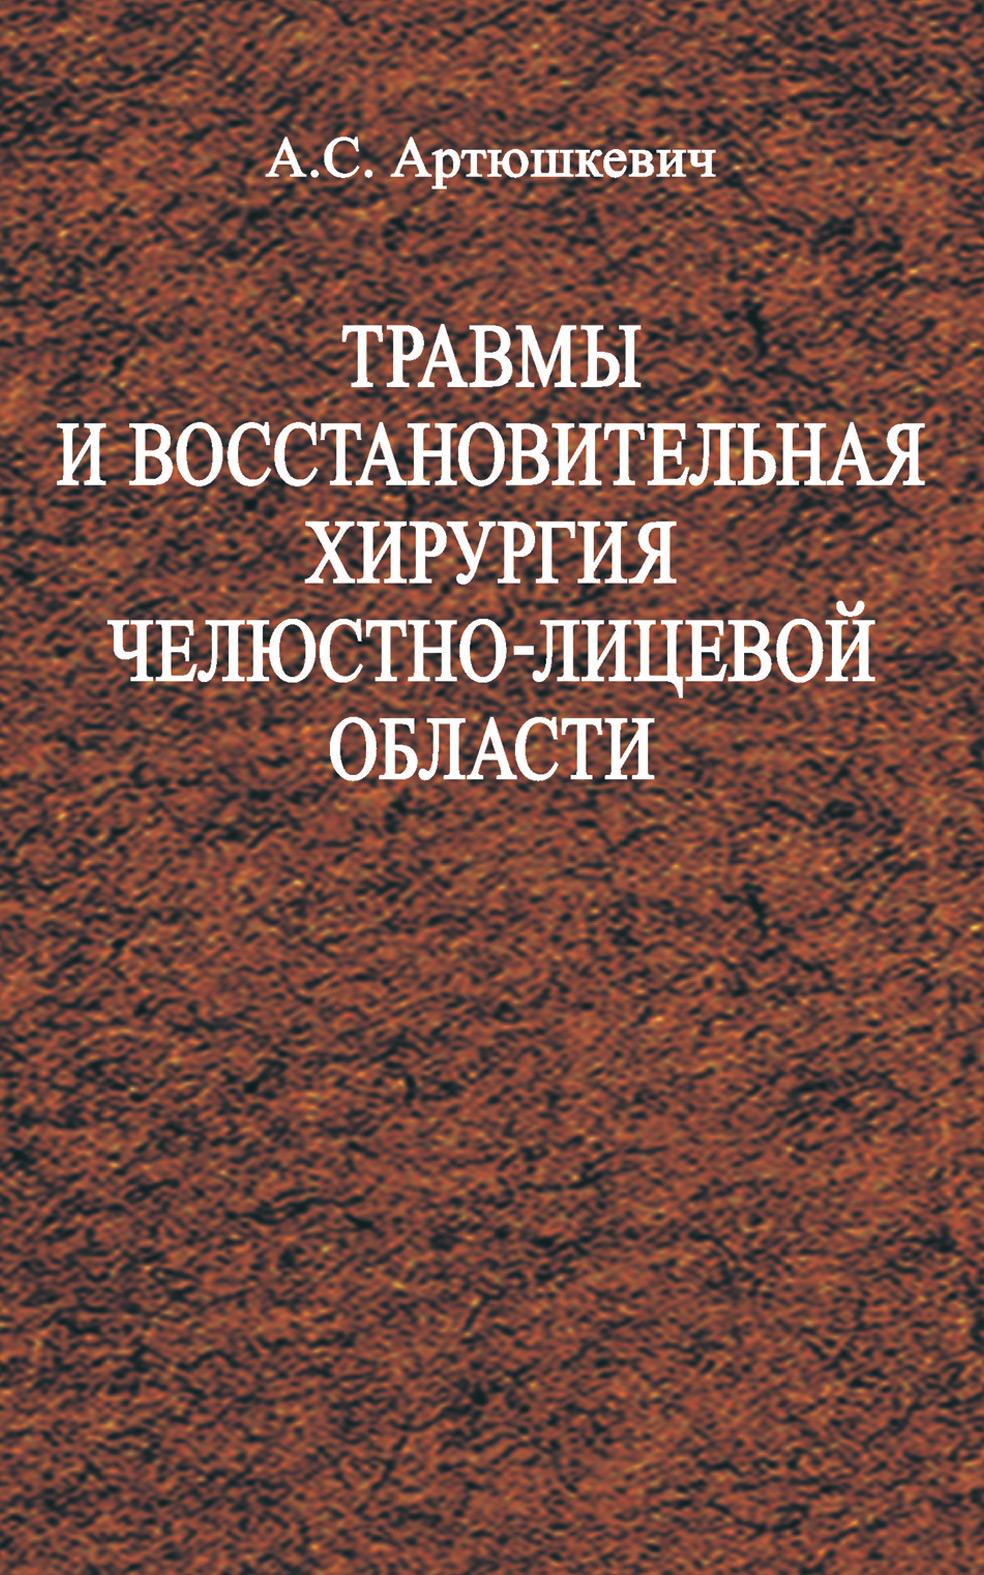 А. C. Артюшкевич Травмы и восстановительная хирургия челюстно-лицевой области